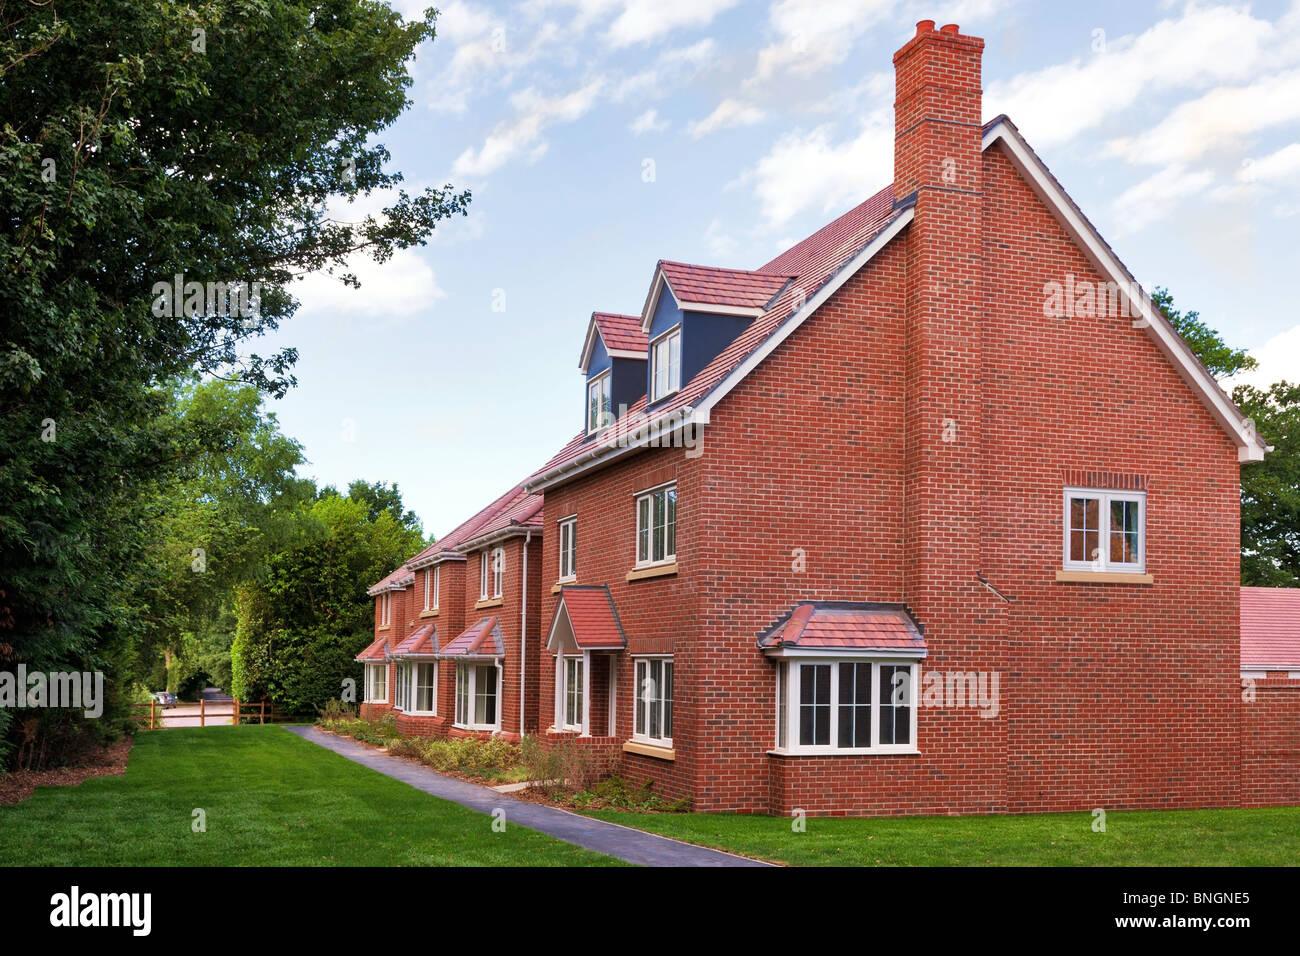 Una hilera de casas de ladrillo rojo nueva vacía en un moderno desarrollo inmobiliario de vivienda del Reino Imagen De Stock